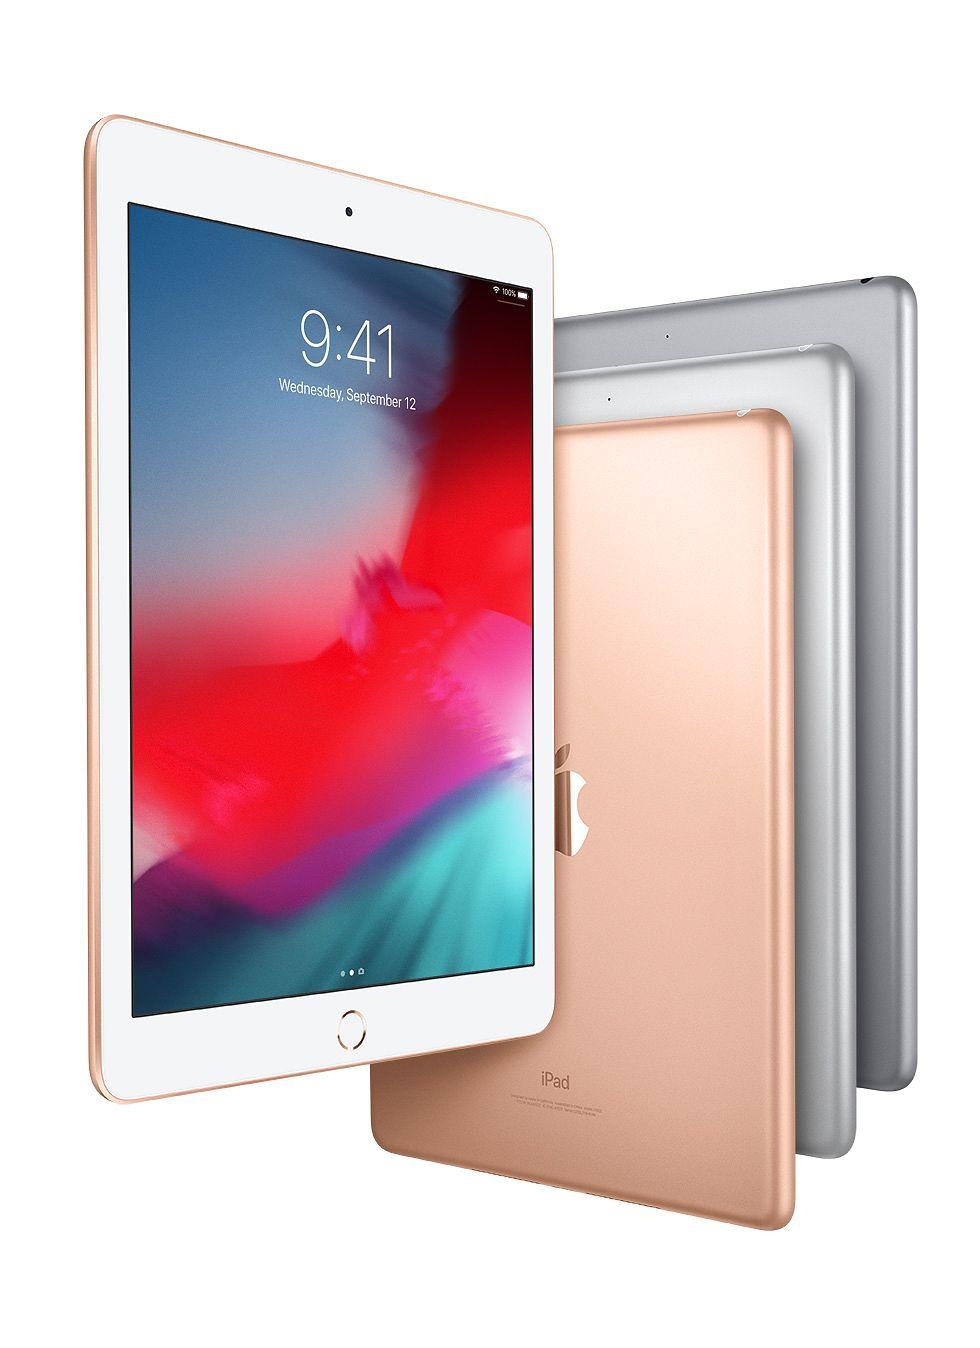 Apple iPad 9.7 (2018) 128GB WiFi